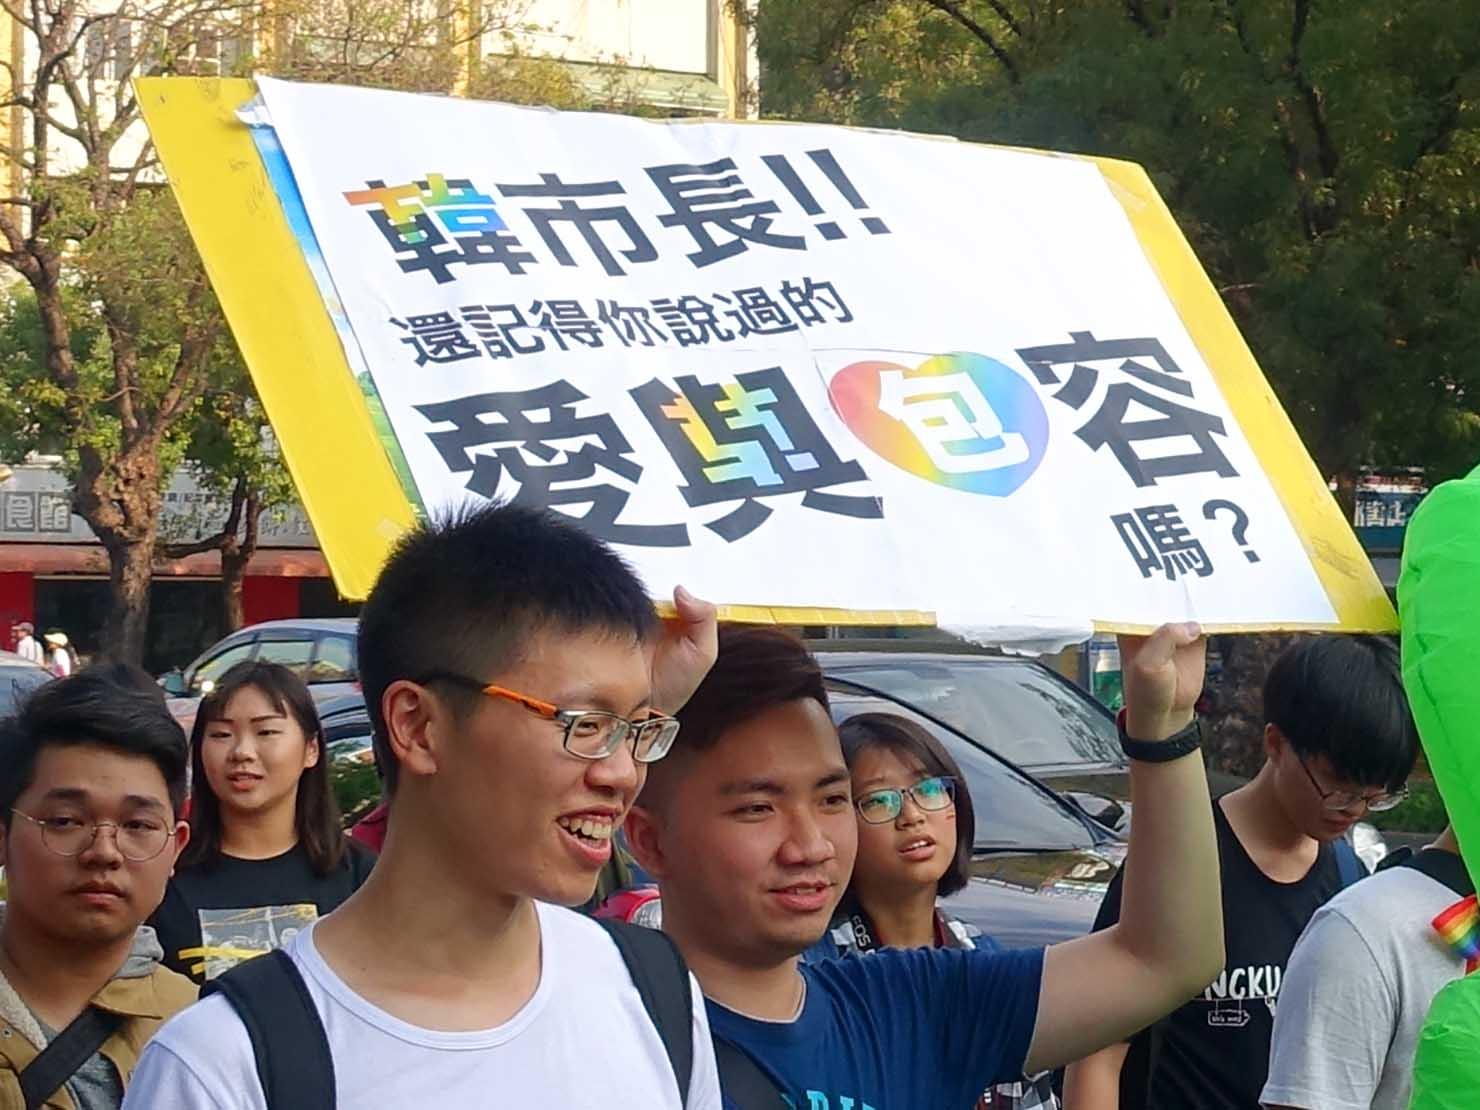 「高雄同志大遊行(高雄プライド)」2019のパレードで高雄市長へのメッセージを伝える参加者